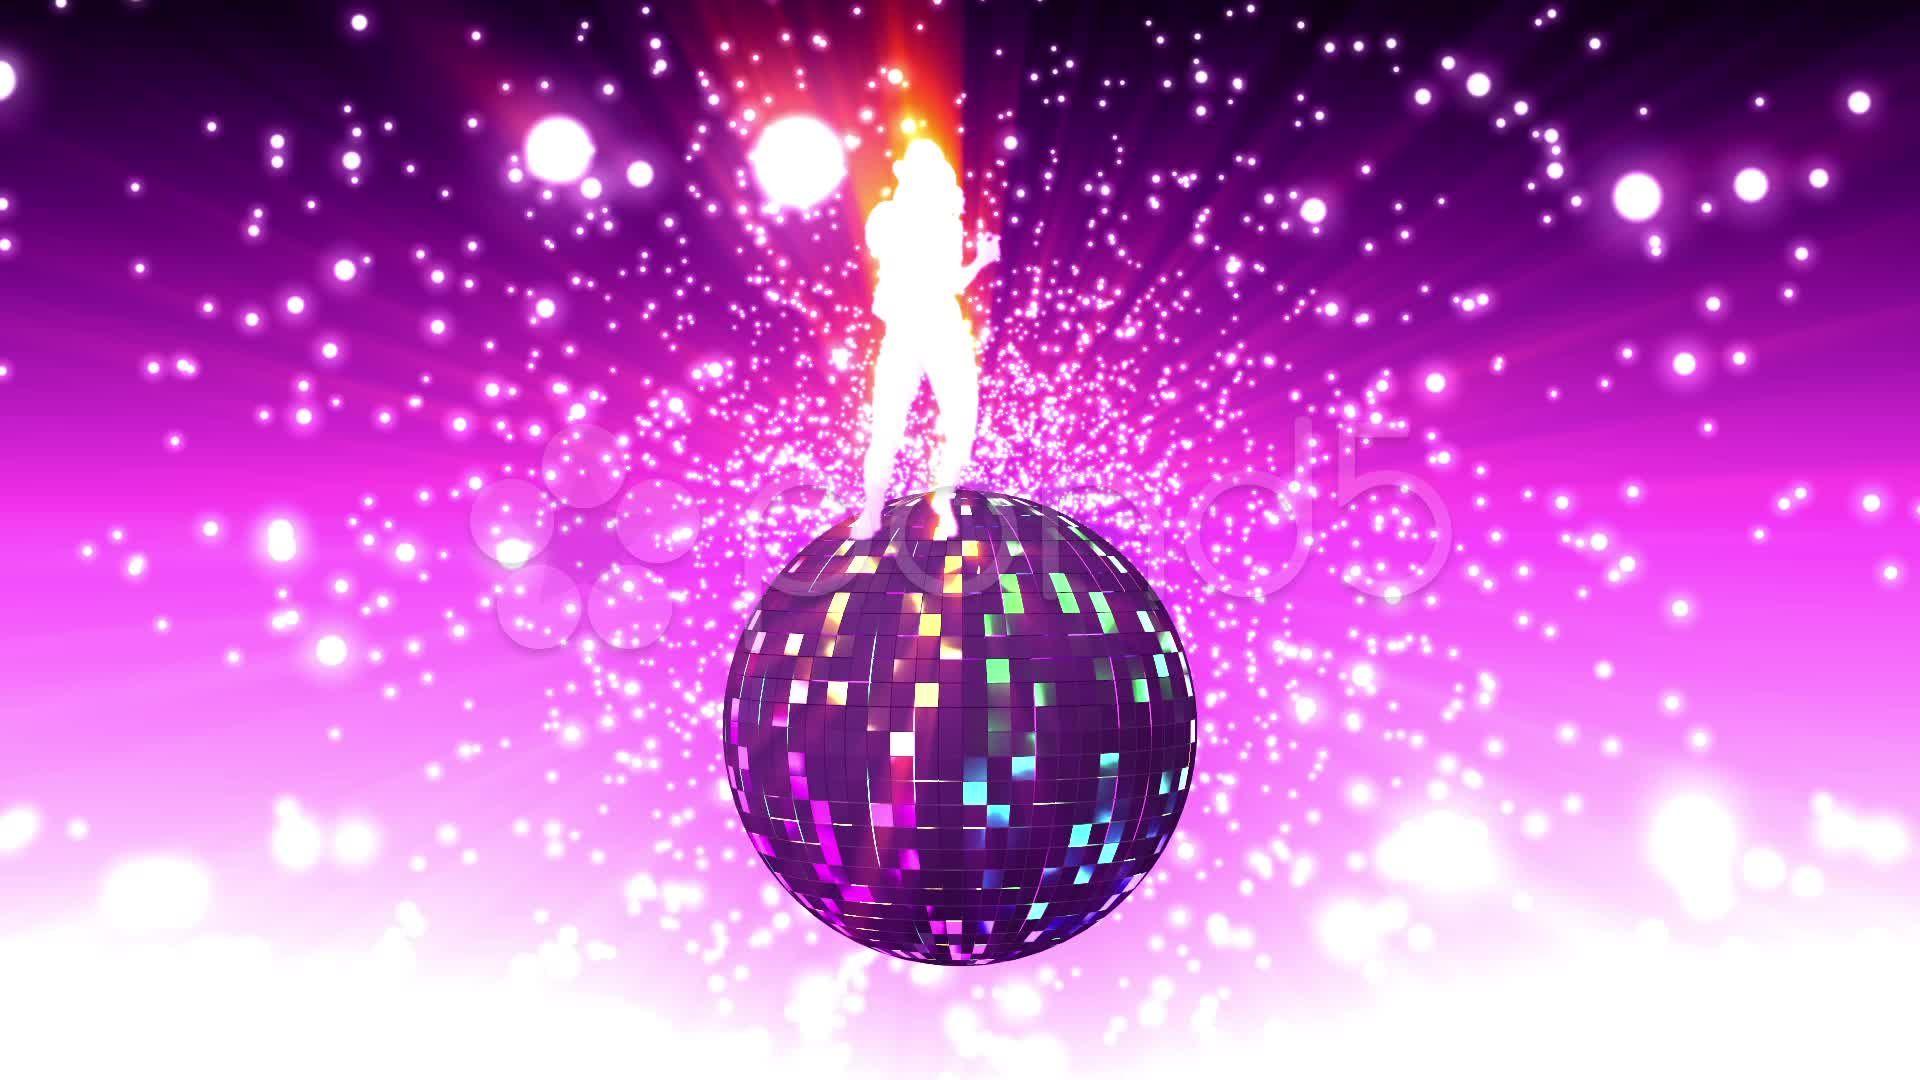 disco ball background - Google Search | Disco party, Disco ball, Disco